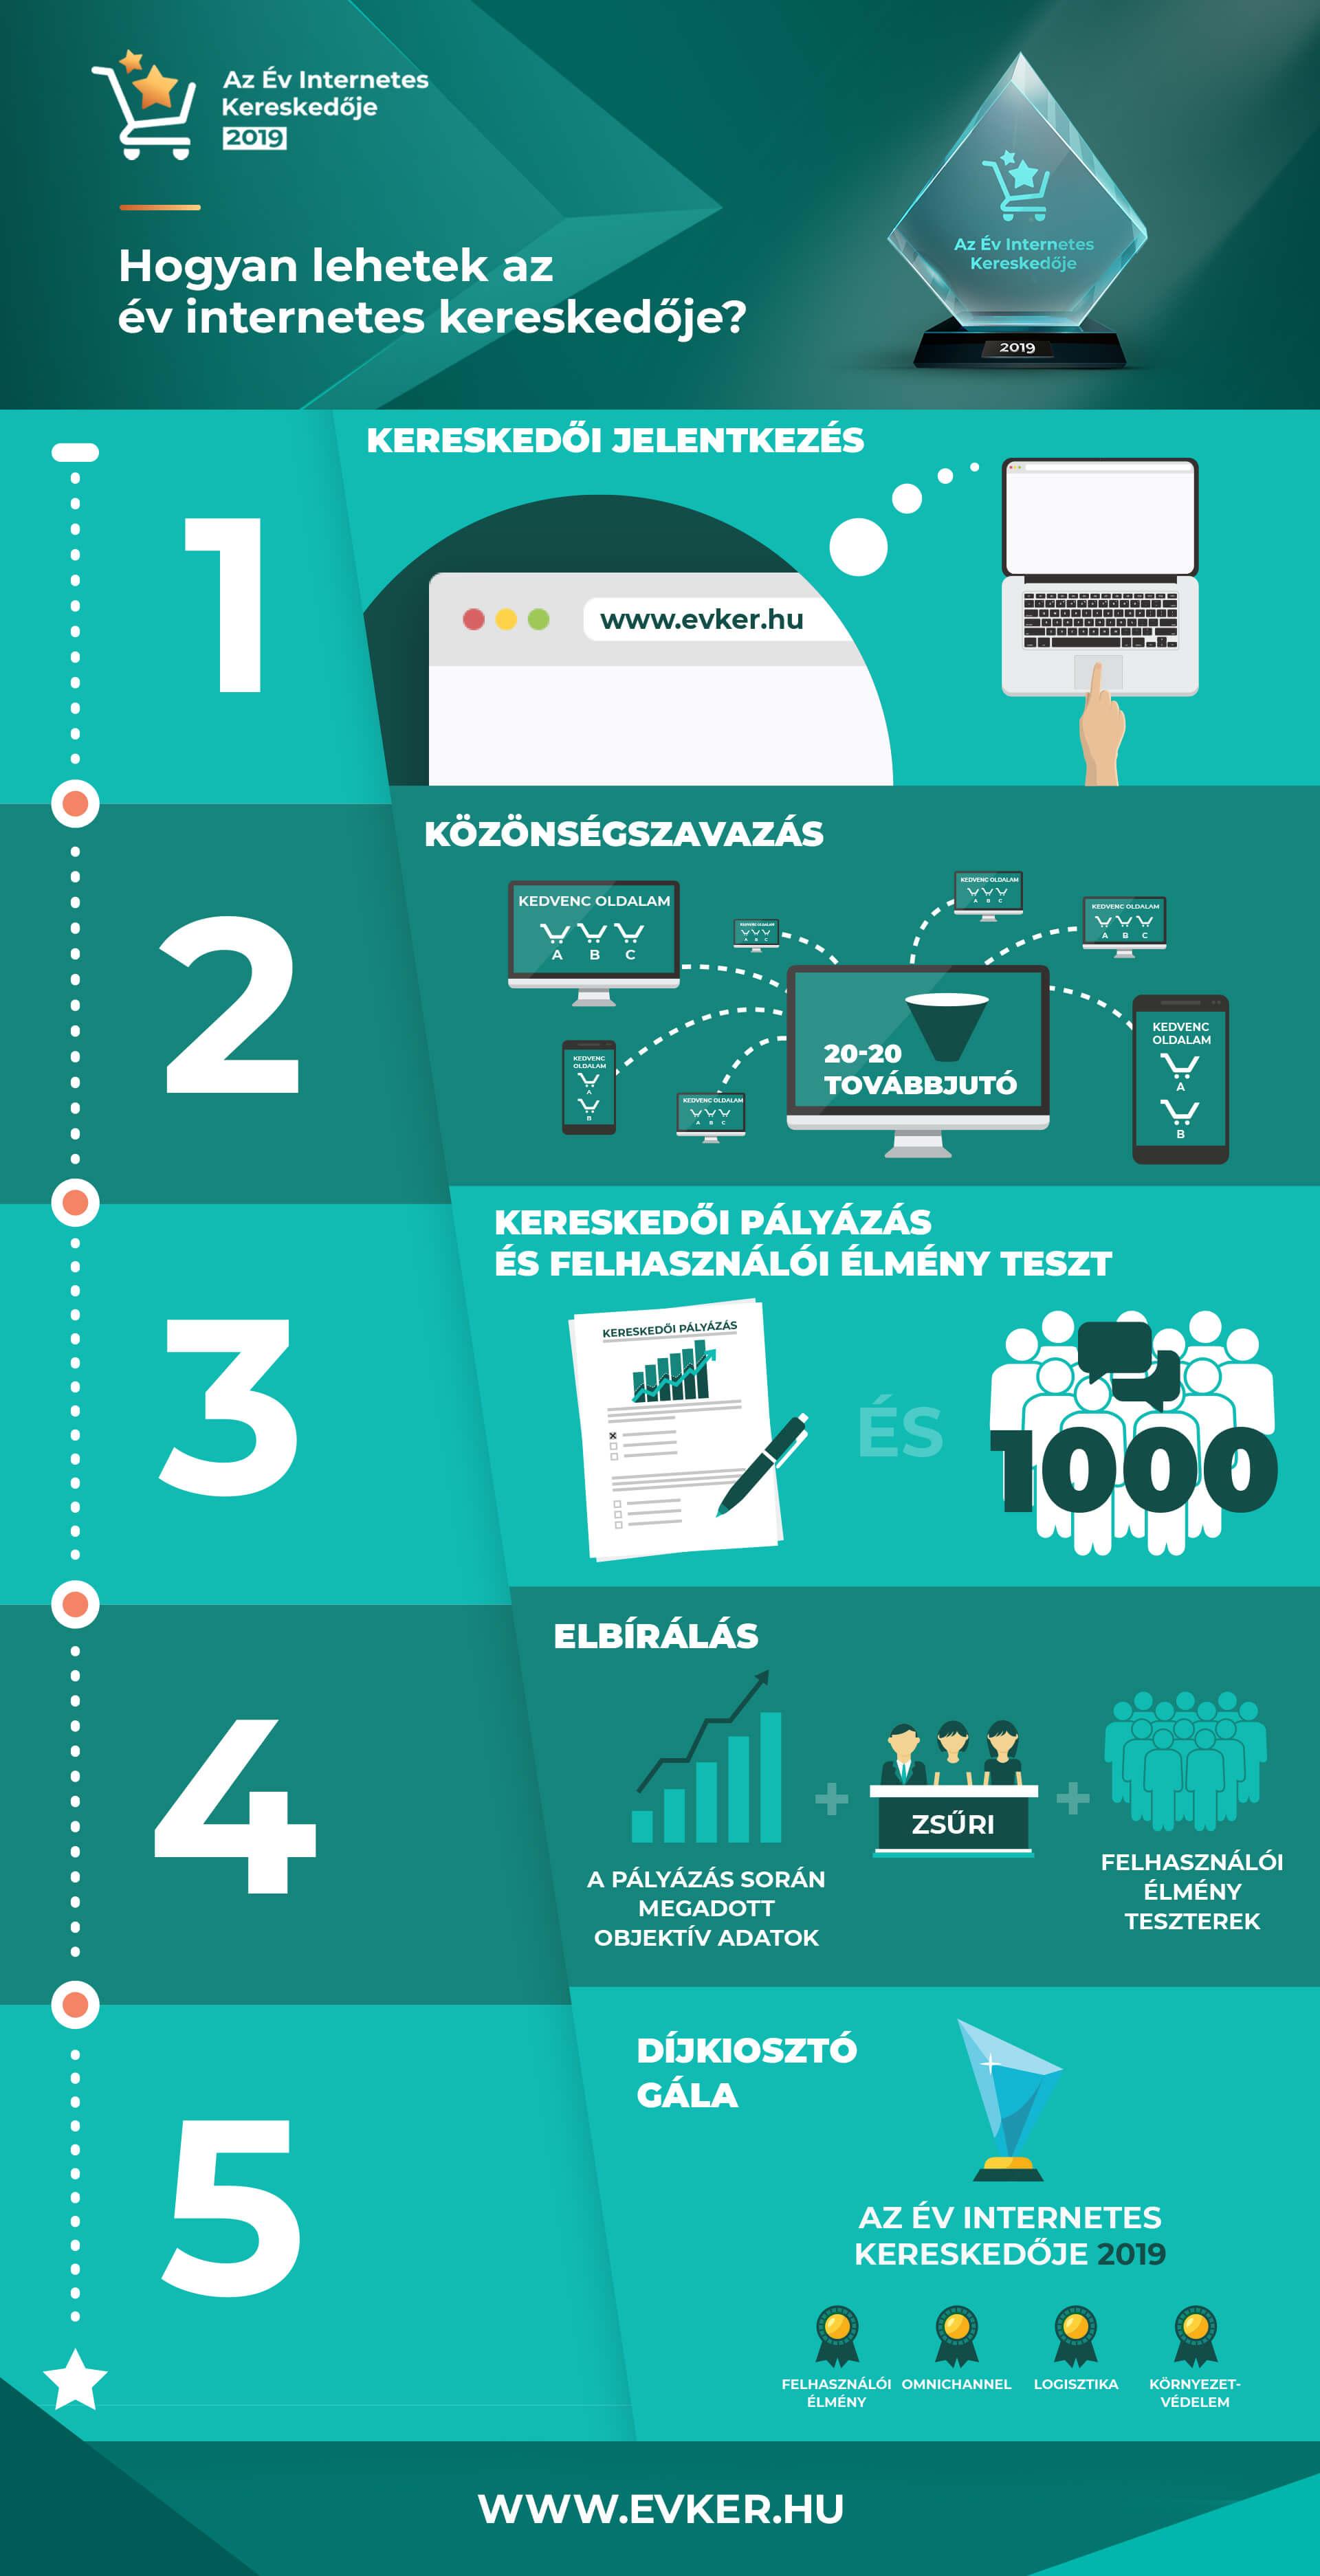 a10e4faeab A nyertes egy éven keresztül használhatja a megszerzett címet,  megjelenítheti a Díj logóját a weboldalán és átveheti a címmel járó értékes  díjakat.